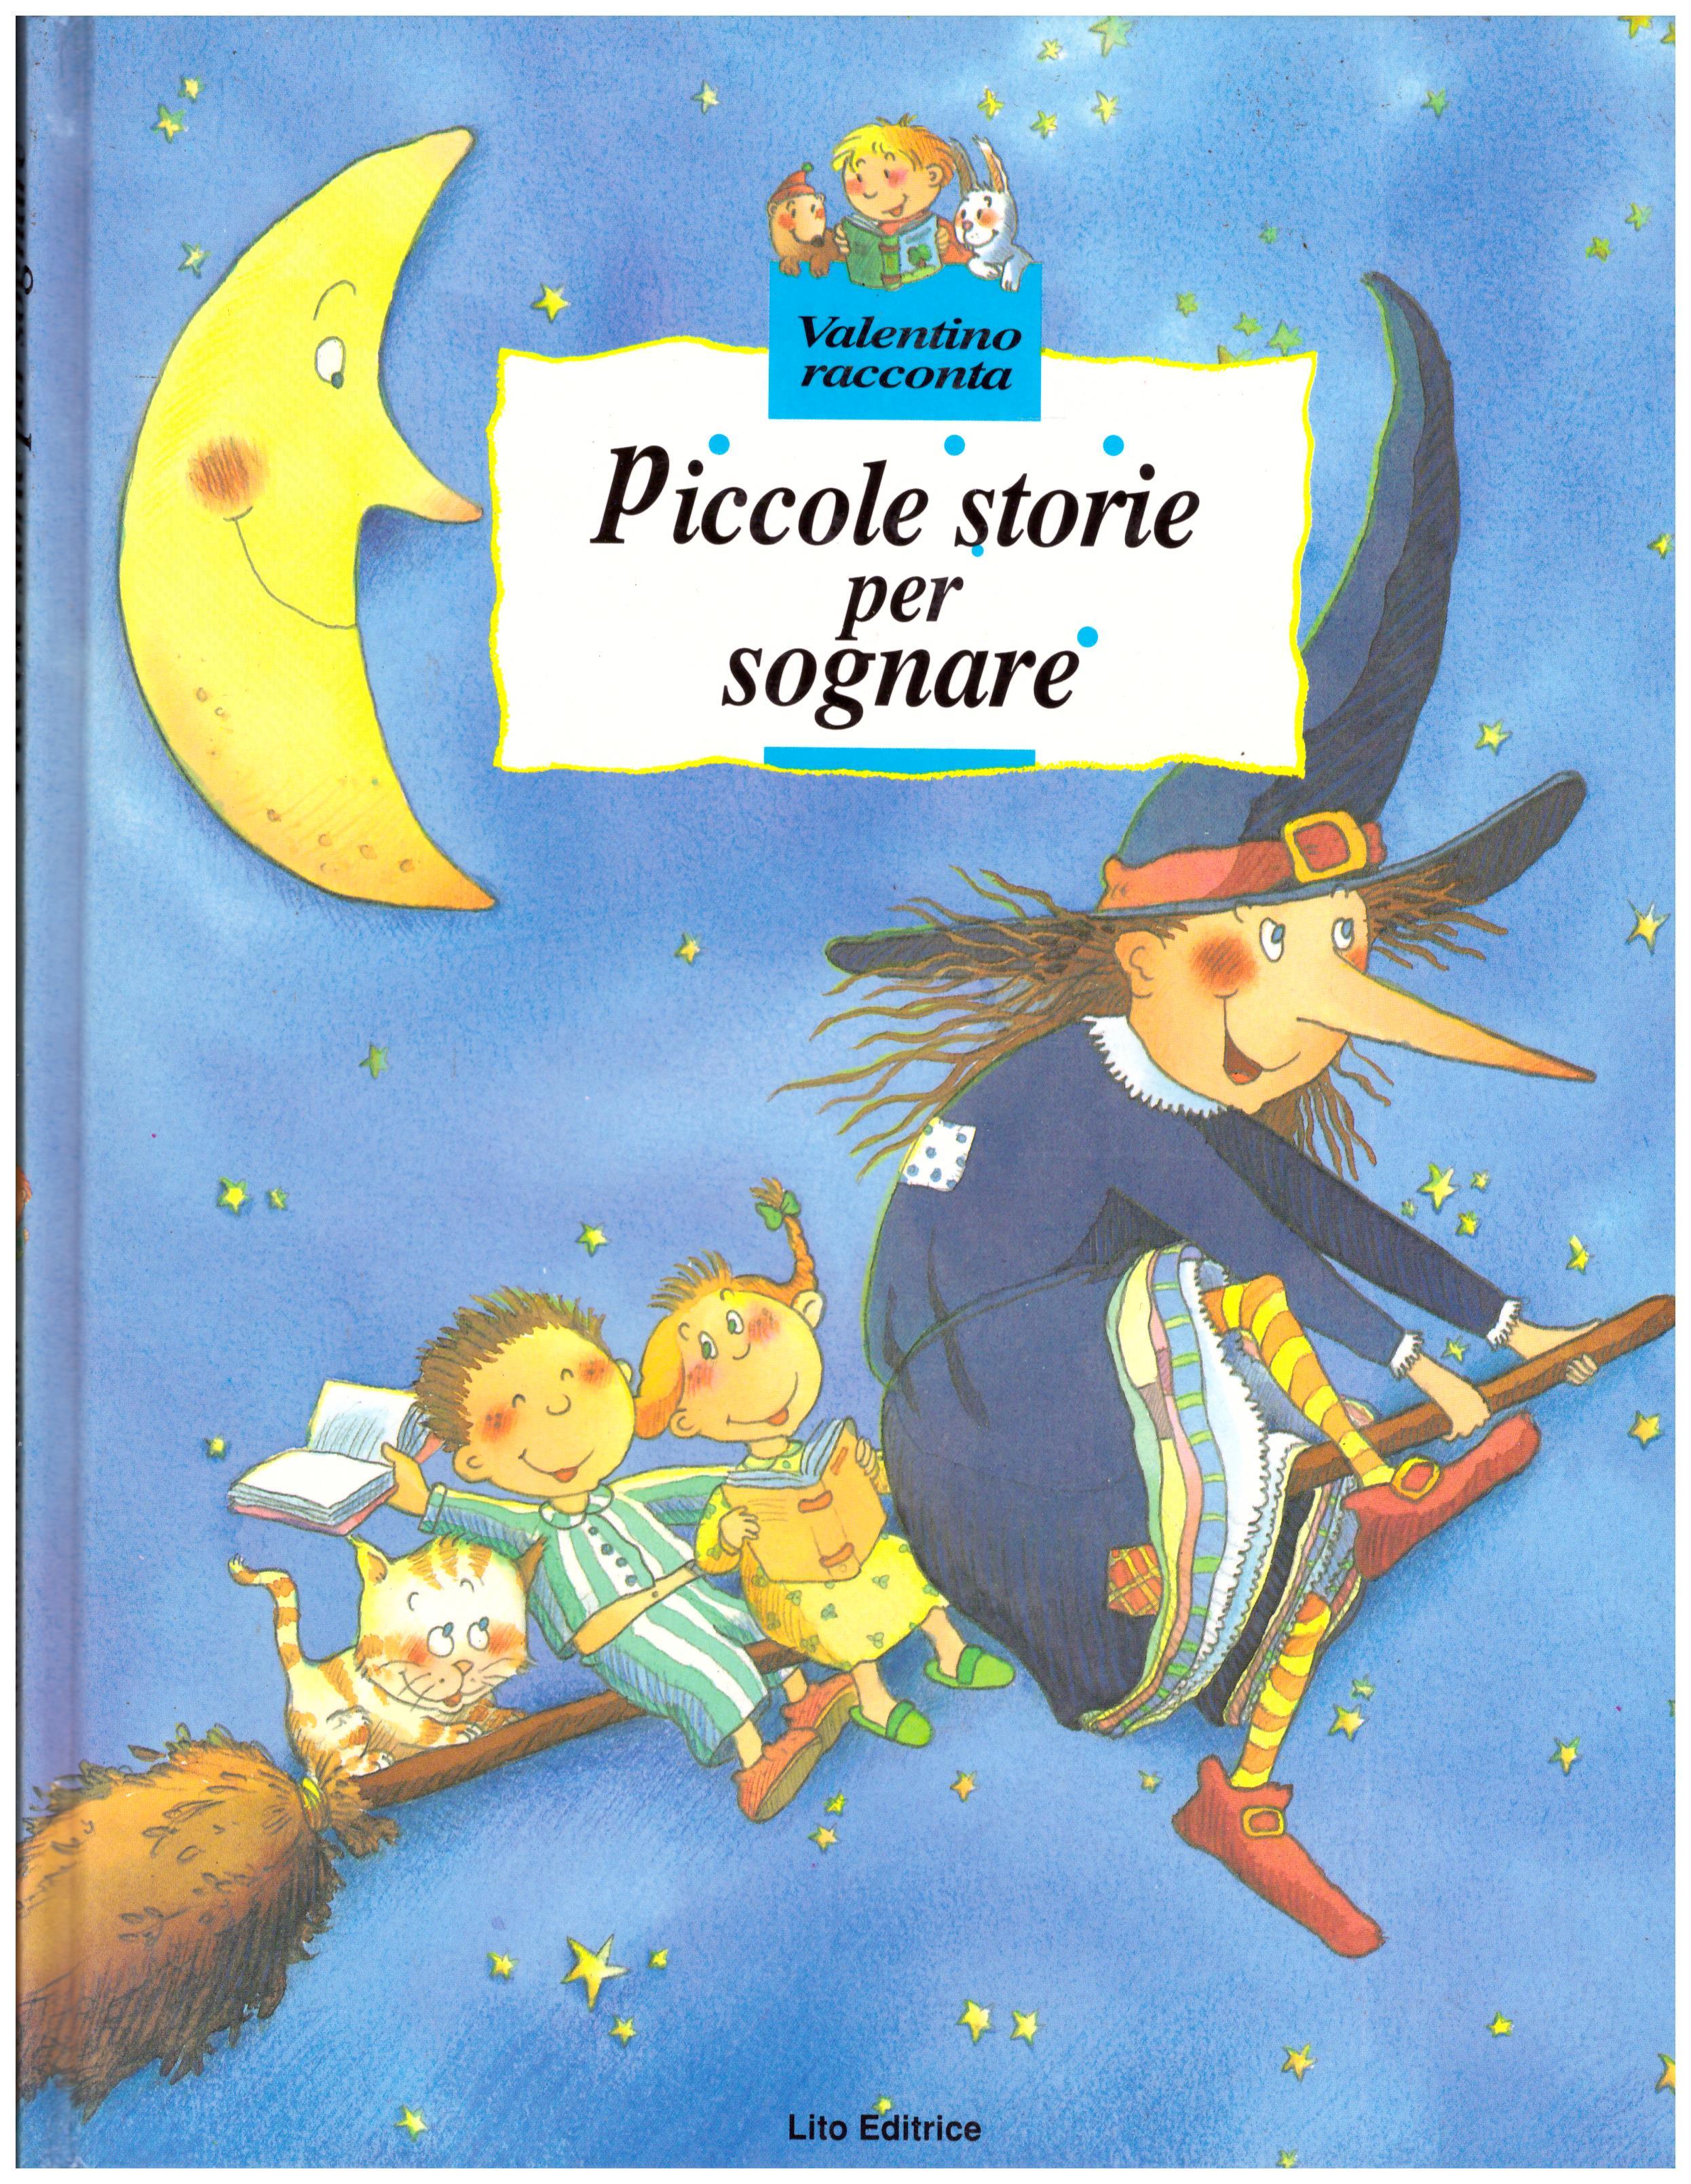 Titolo: Piccole storie per sognare     Autore: AA.VV.     Editore: Lito editrice